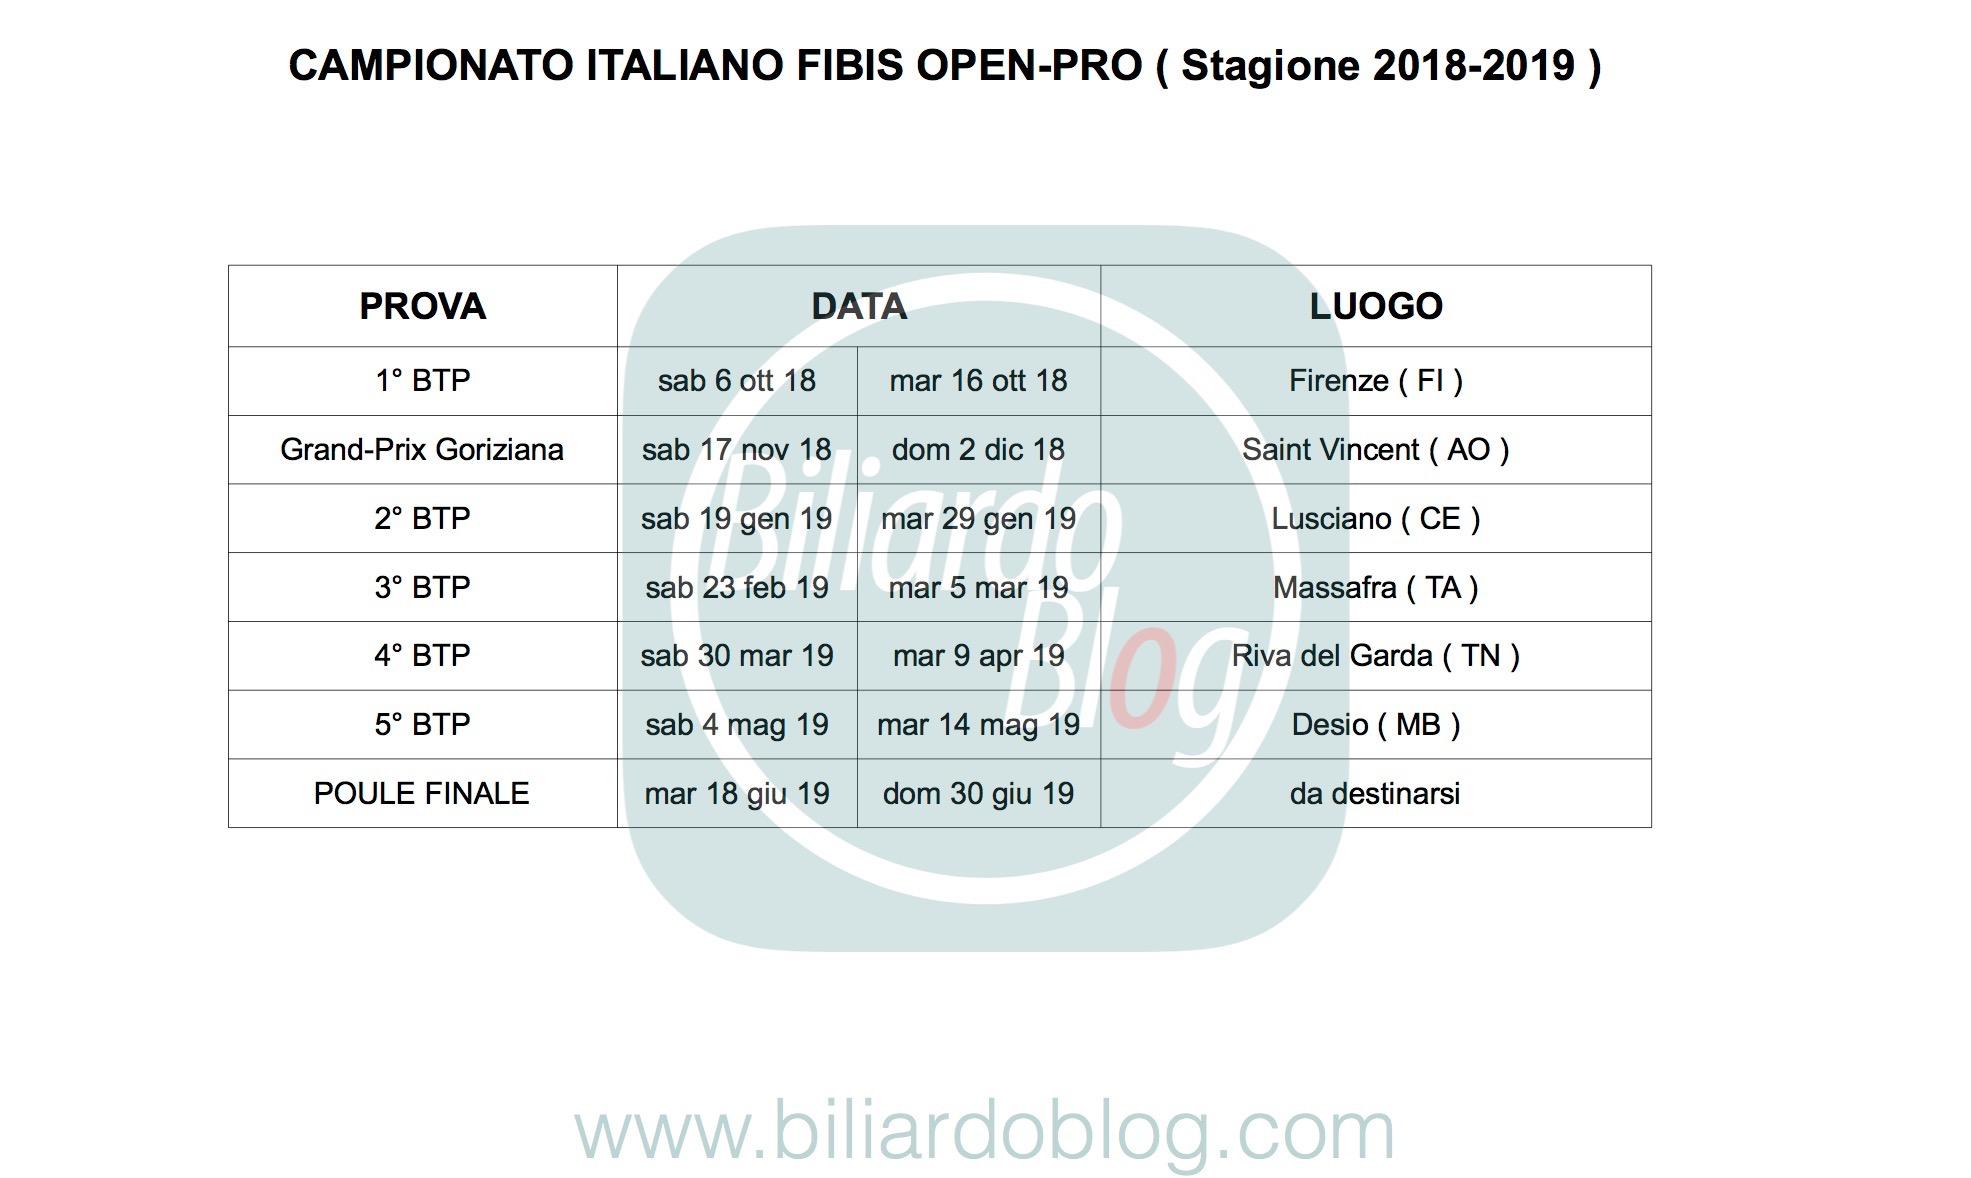 Calendario Campionato Italiano Biliardo 5 Birilli 2018 2019